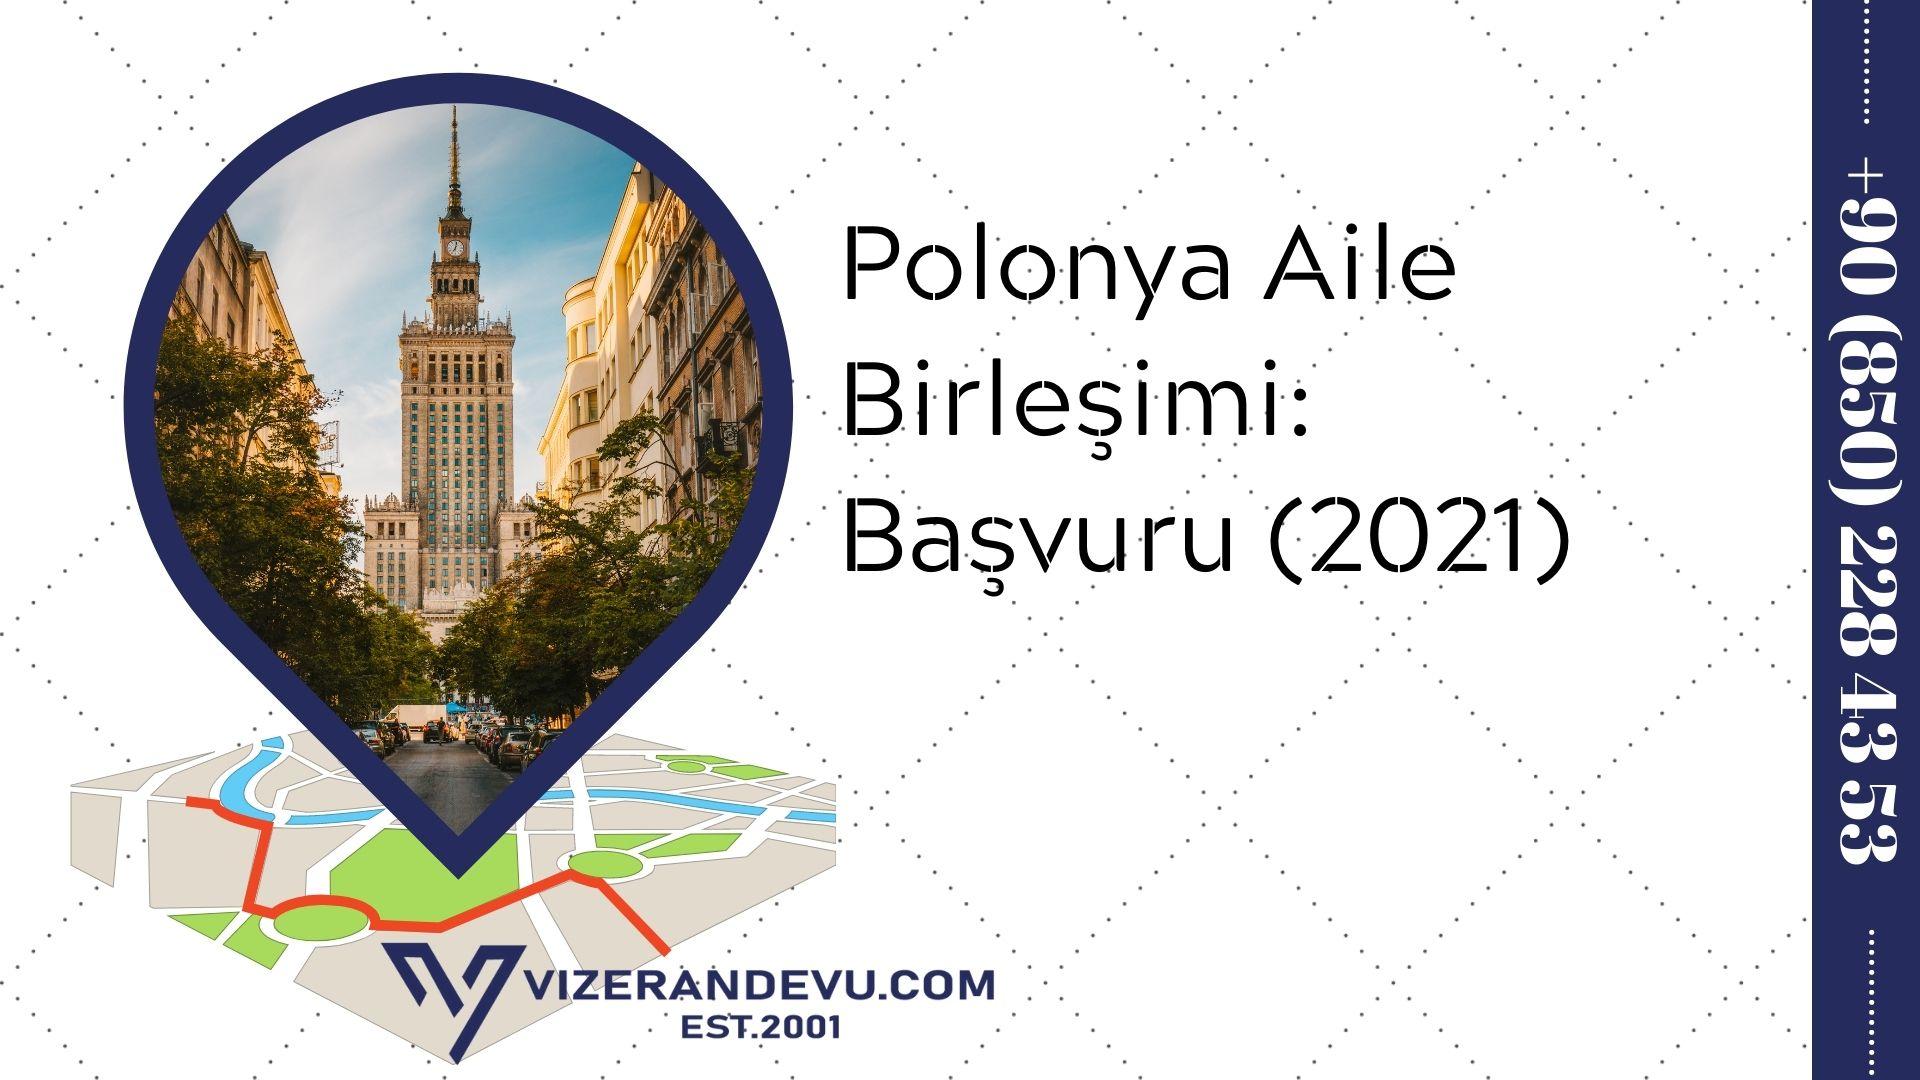 Polonya Aile Birleşimi: Başvuru (2021)